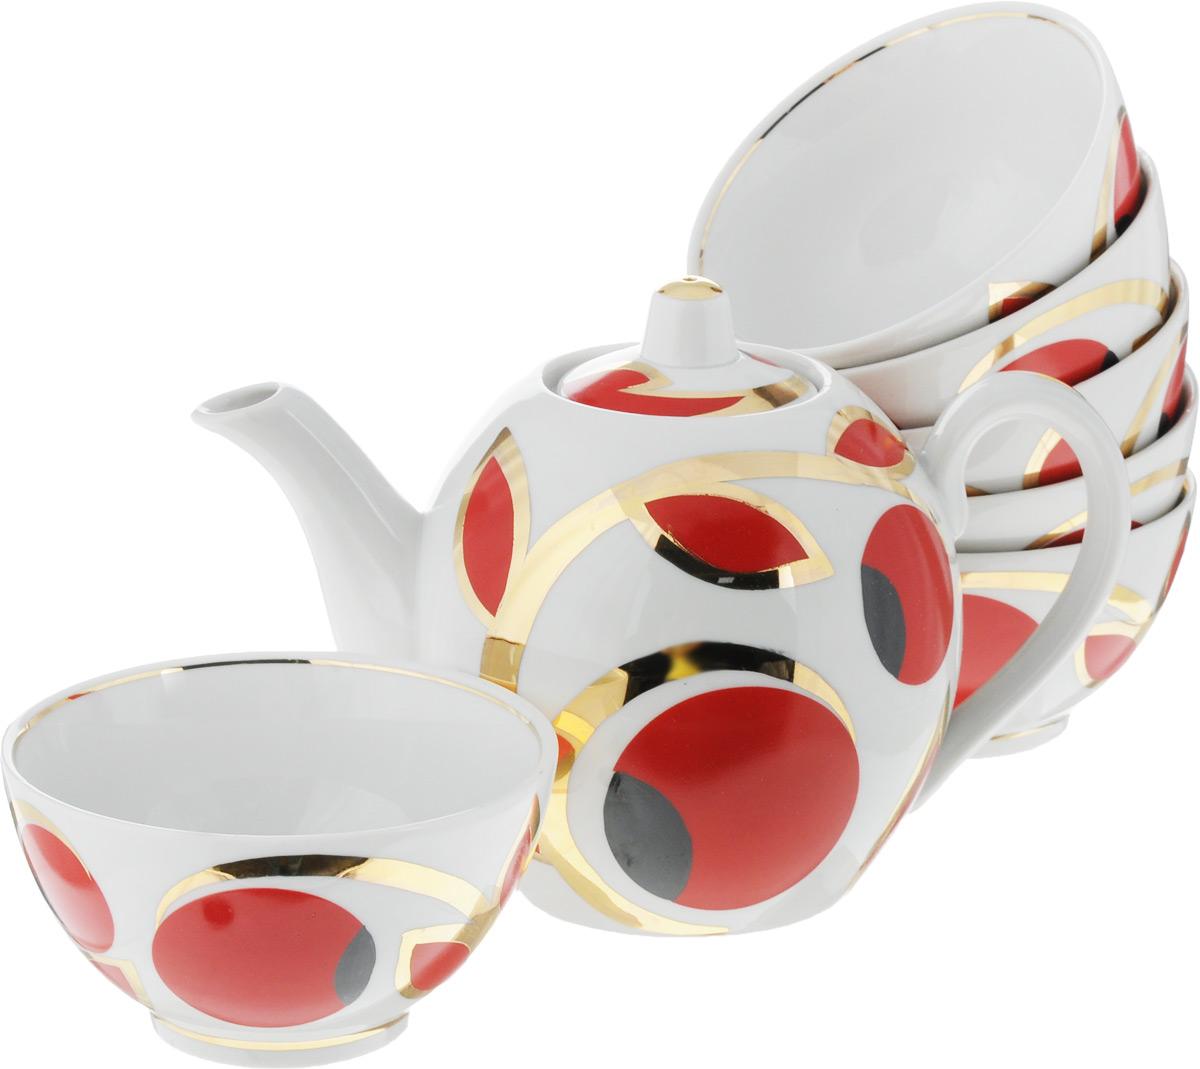 Набор чайный Фарфор Вербилок Яблоки, 7 предметов2012243UЧайный набор Фарфор Вербилок Яблоки состоит из 6 пиал и заварочного чайника. Изделия выполнены из высококачественного фарфора и оформлены оригинальным рисунком.Изящный чайный набор прекрасно оформит стол к чаепитию и порадует вас элегантным дизайном и качеством исполнения.История Мануфактуры Гарднеръ насчитывает более 250 лет. За четверть тысячелетия фабричные мастера создали целую галерею шедевров фарфорового искусства, многие из которых служили украшением императорских дворцов и аристократических салонов. Если верить легенде, именно вербилковские сервизы так понравились Екатерине II во время праздничного обеда в честь именин монаршей особы.Объем чайника: 800 мл.Высота чайника (без учета крышки): 11,5 см.Диаметр чайника (по верхнему краю): 4,5 см.Объем пиалы: 300 мл.Диаметр пиалы (по верхнему краю): 11 см.Высота пиалы: 6,5 см.